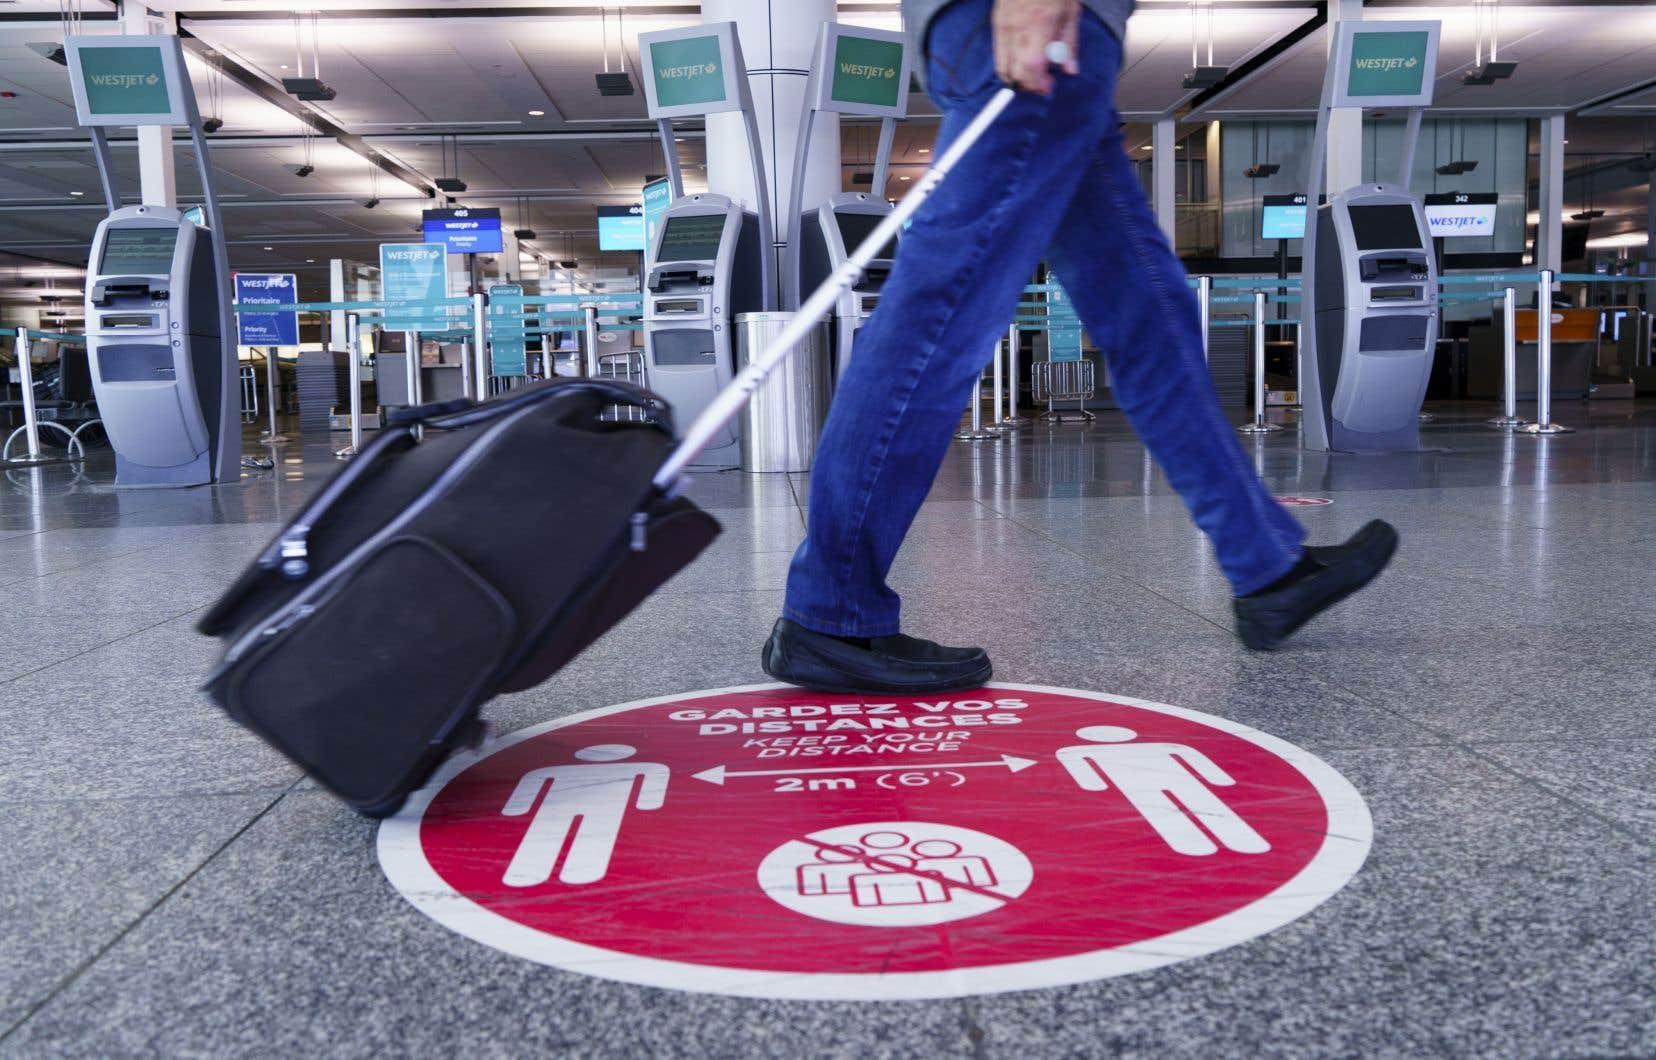 «Il est impératif qu'Ottawa apporte une aide financière aux transporteurs aériens et aux aéroports canadiens et adopte des mesures réglementaires pour remédier à la situation», pensent les auteurs.